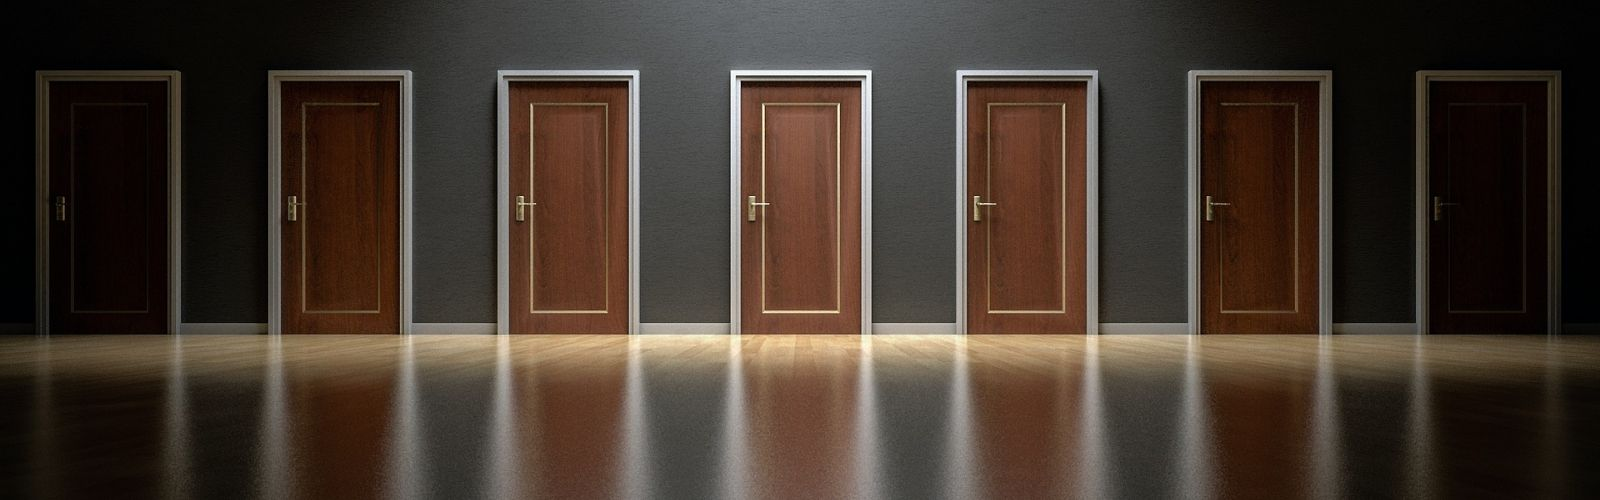 What's behind the door?